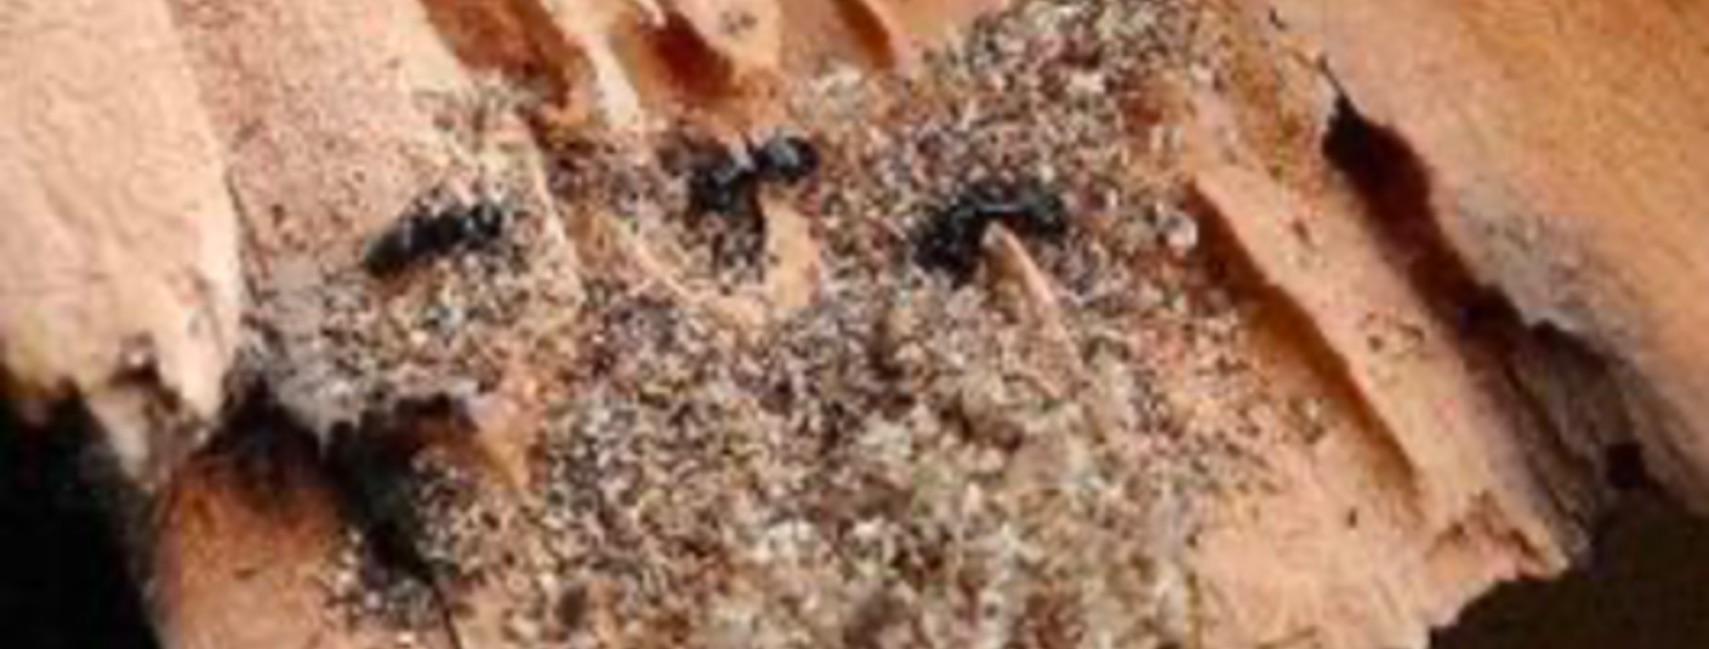 Parasite fourmis charpentières